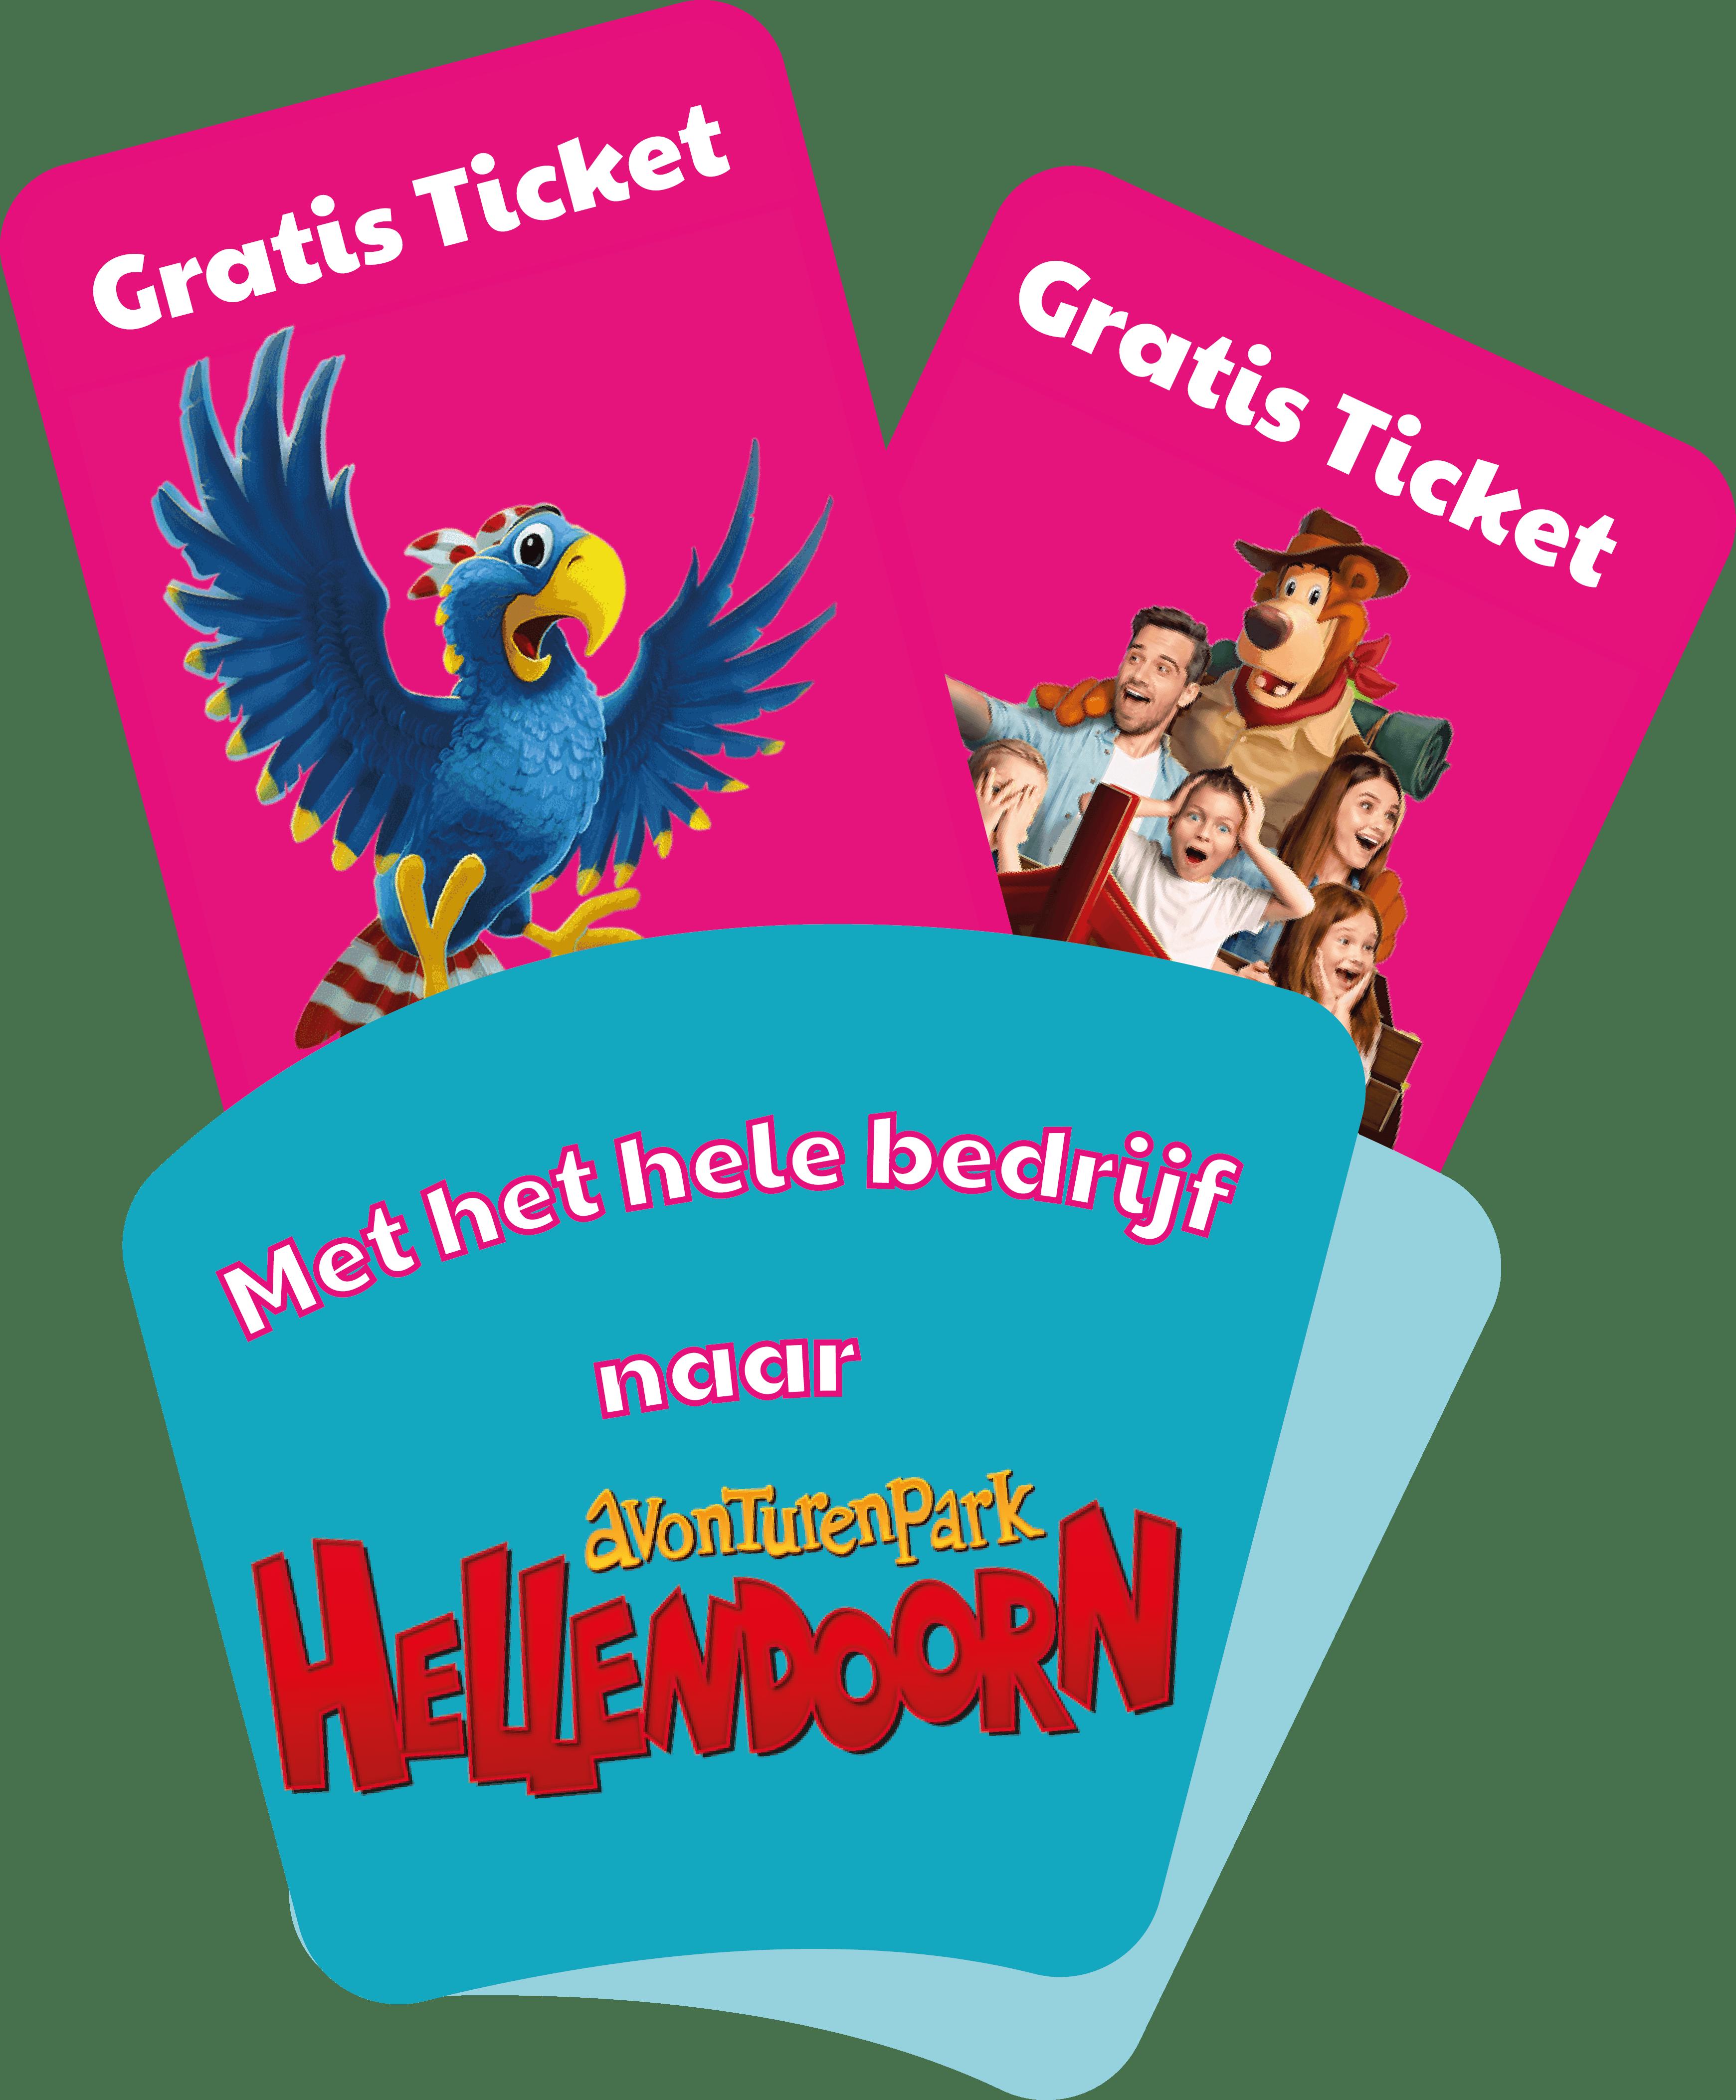 BrightAccess actiedag Avonturenpark Hellendoorn - entree tickets